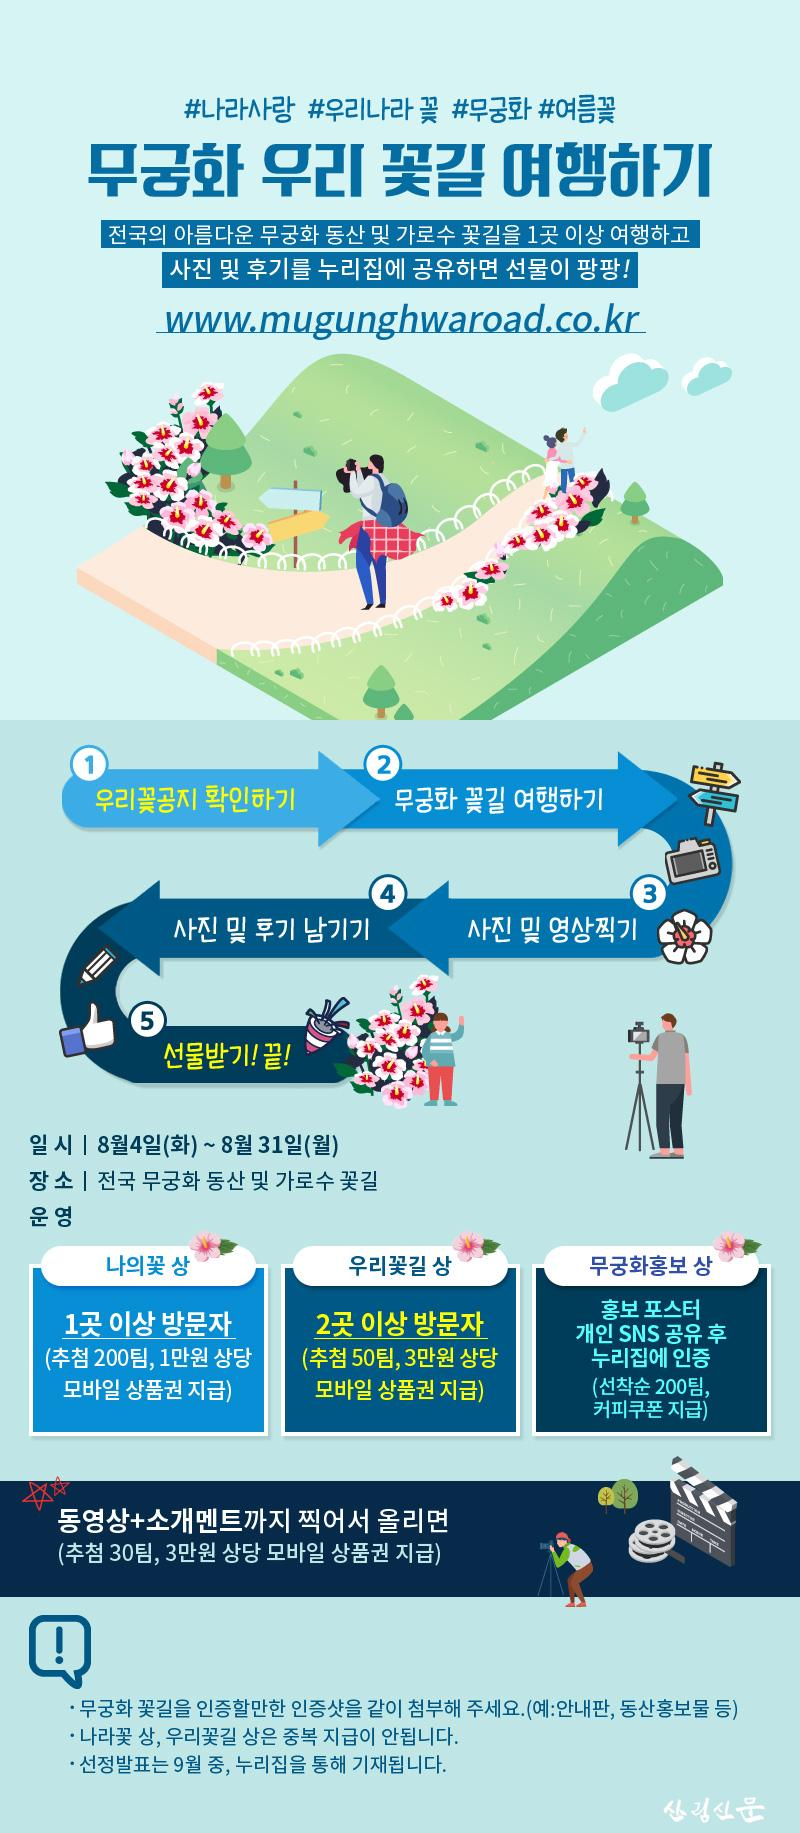 무궁화 우리꽃길 여행하기 홍보행사 안내문.jpg